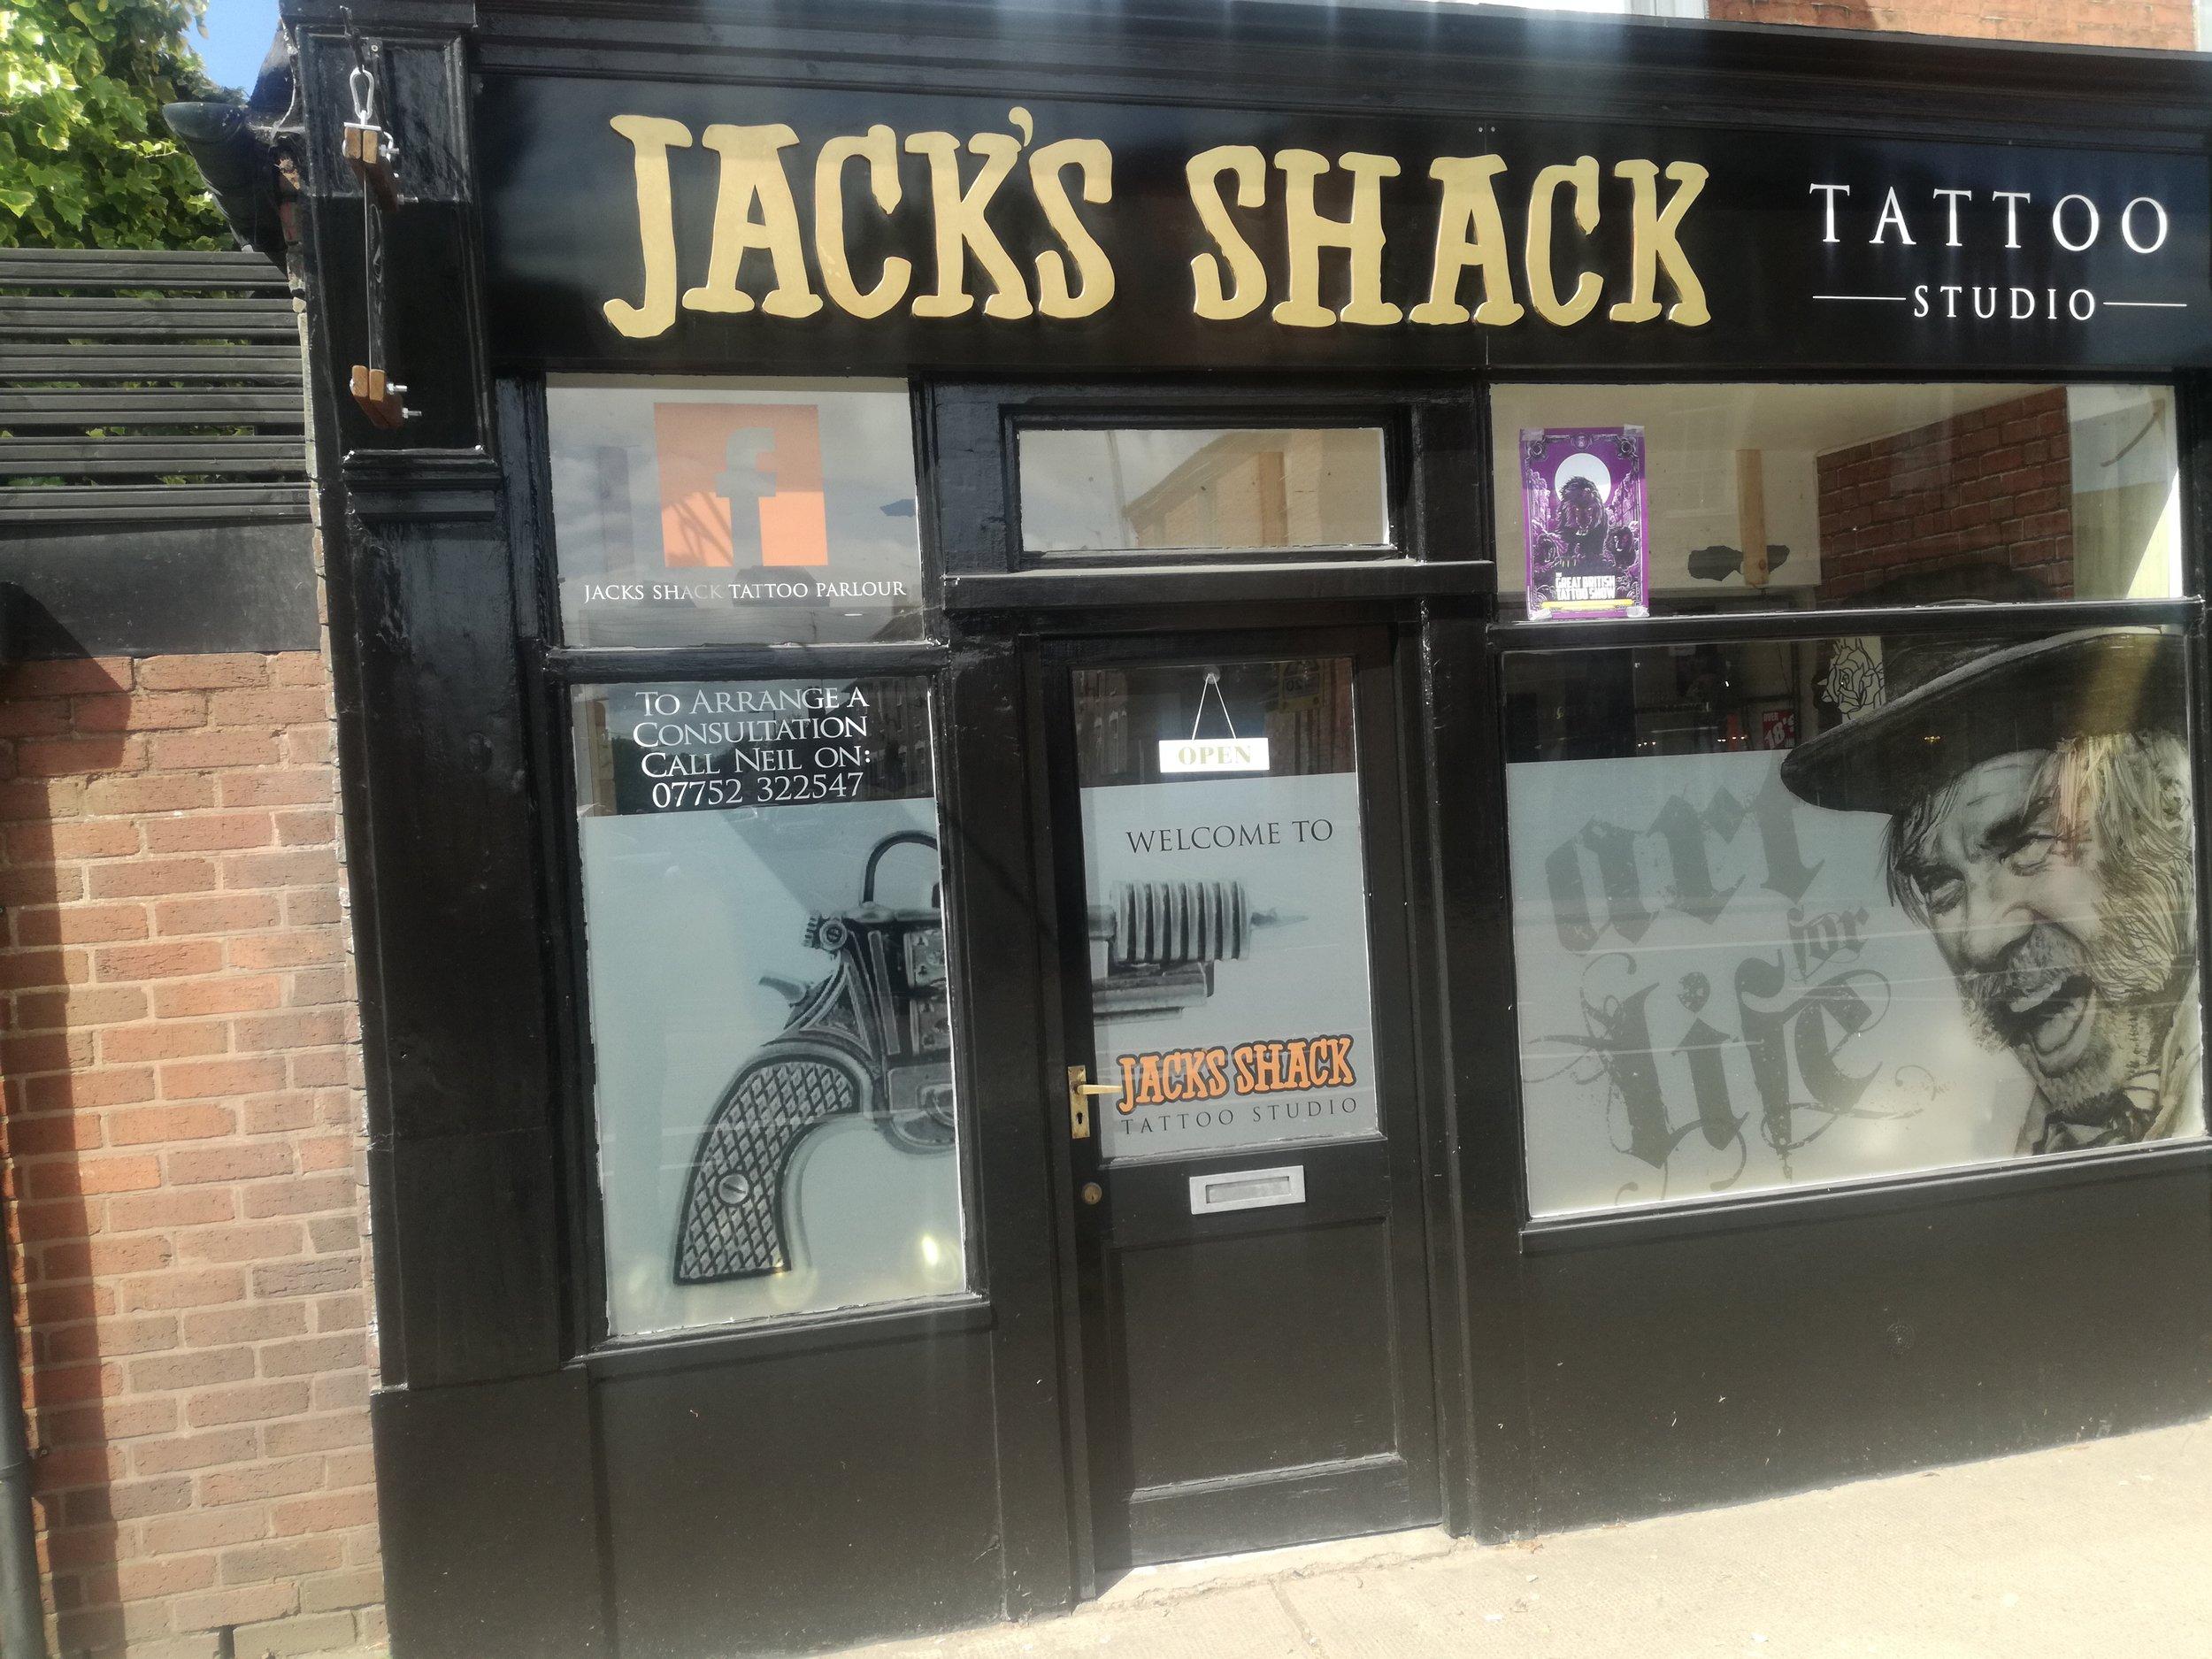 Jack's Shack